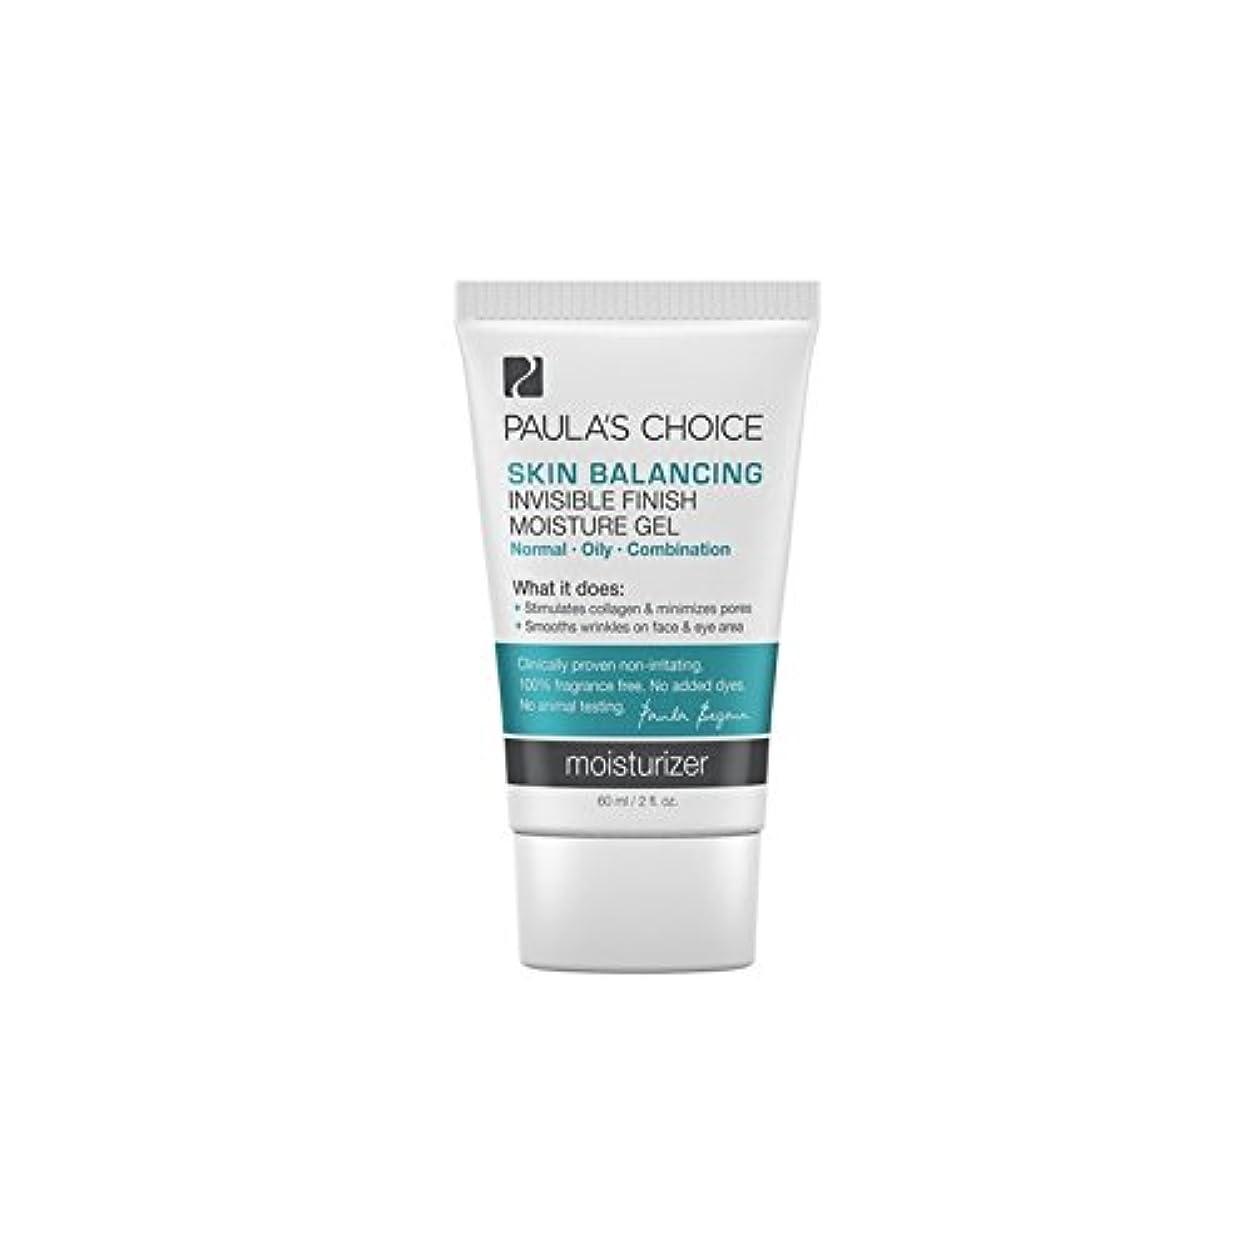 ブランデー書誌パウダーPaula's Choice Skin Balancing Invisible Finish Moisture Gel (60ml) - ポーラチョイスの肌のバランス目に見えない仕上がり水分ゲル(60ミリリットル) [並行輸入品]